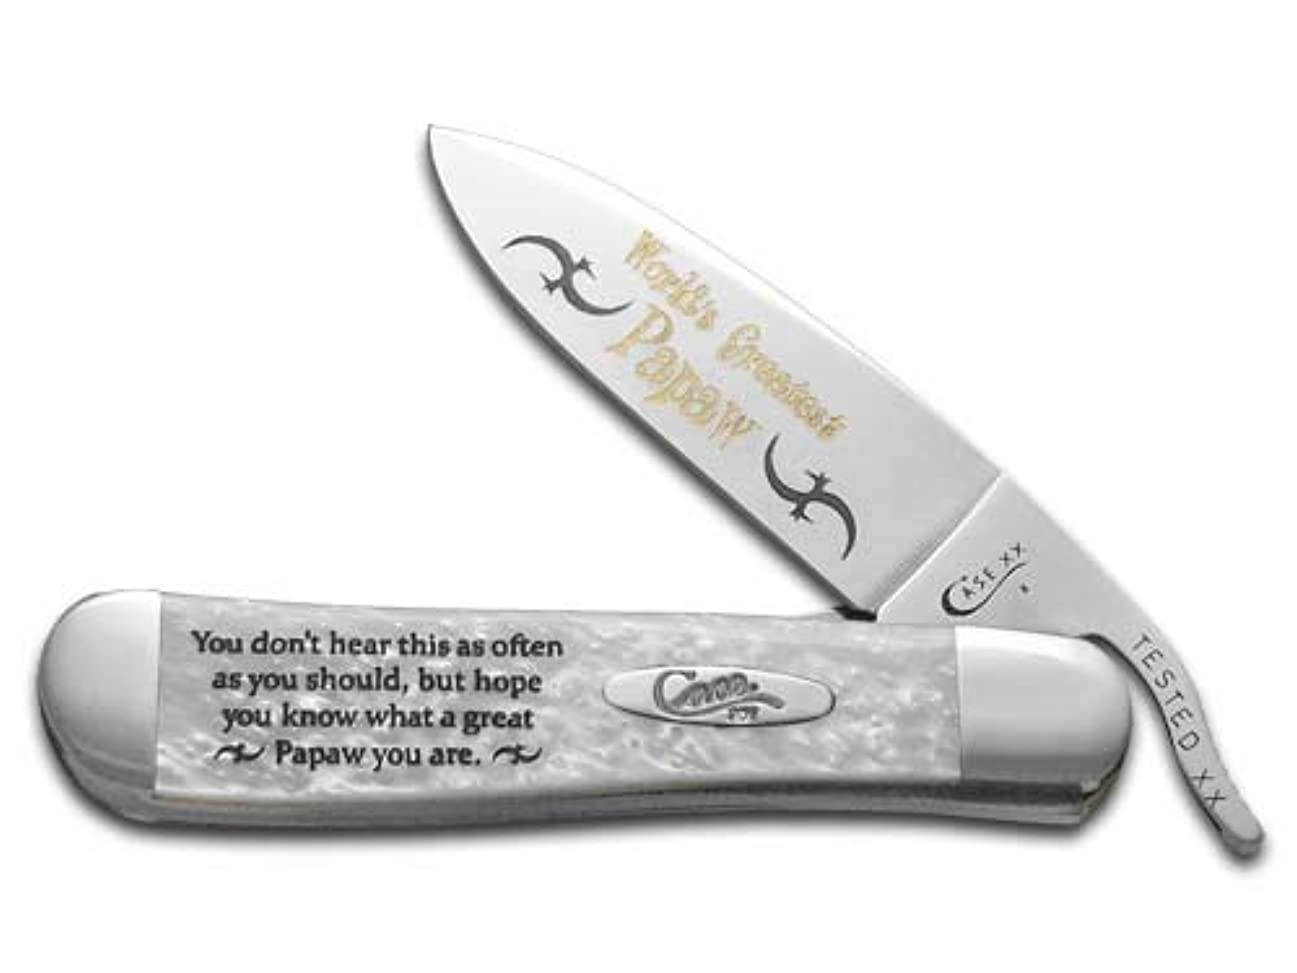 受信在庫スタジアムCASE XX Worlds Greatest Papaw ホワイトパール Corelon Russlock ステンレスポケットナイフ